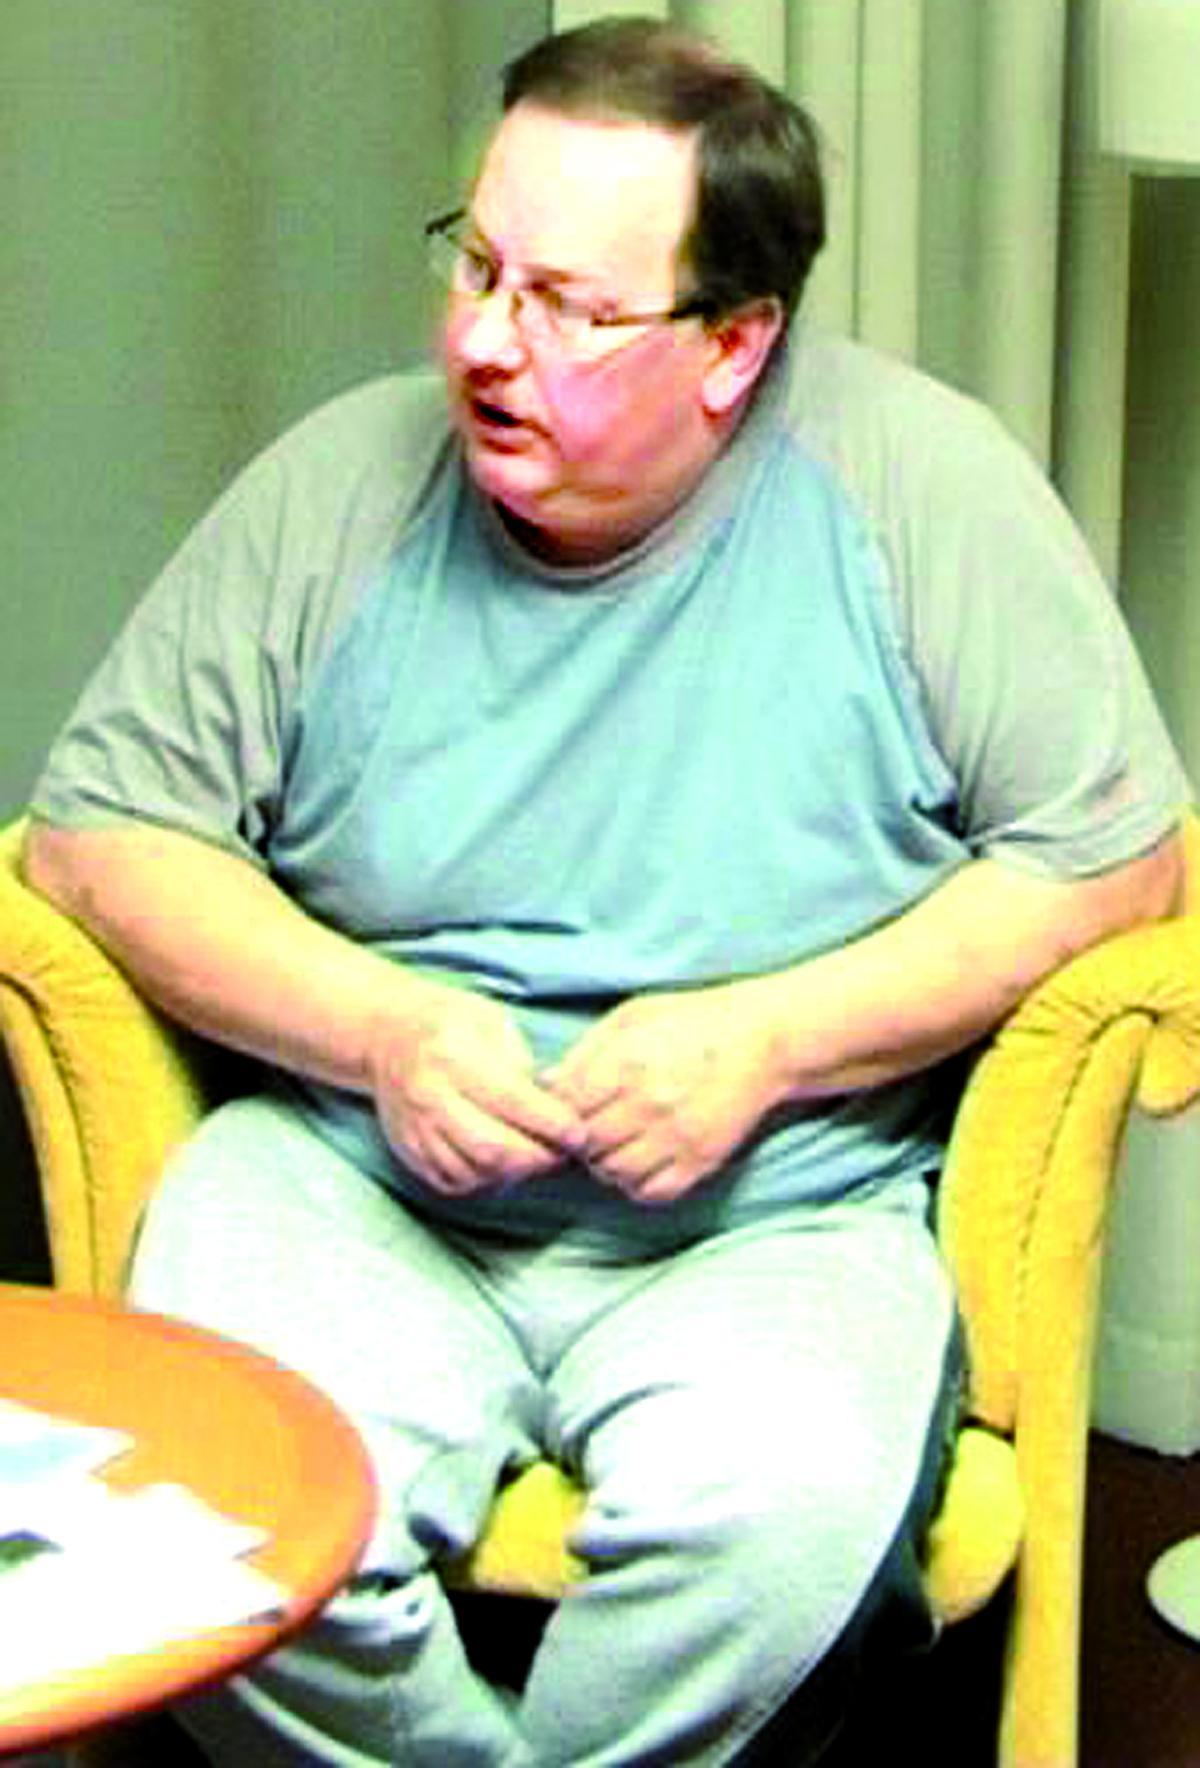 TÄNKER INTE ÖVERKLAGA I domen mot Anders Eklund konstaterar rätten att enbart mordet på tioåriga Engla Höglund är så grovt att endast lagens strängaste straff kan komma på tal. Enligt hans advokat Leif Silbersky tänker han inte heller överklaga domen.